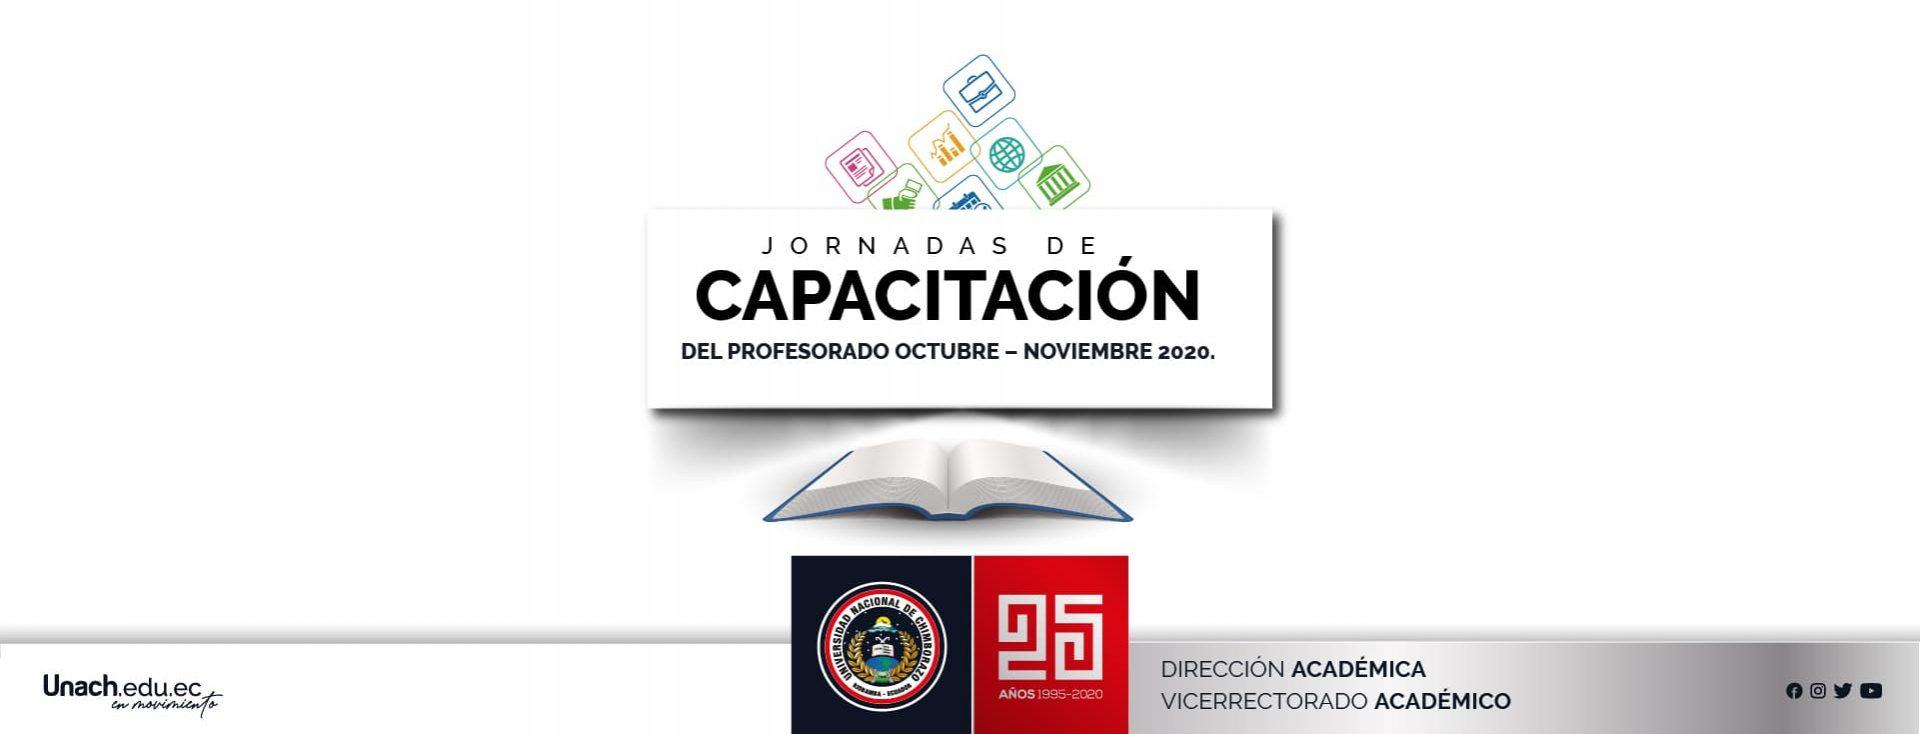 JORNADAS DE CAPACITACIÓN DEL PROFESORADO OCTUBRE – NOVIEMBRE 2020.